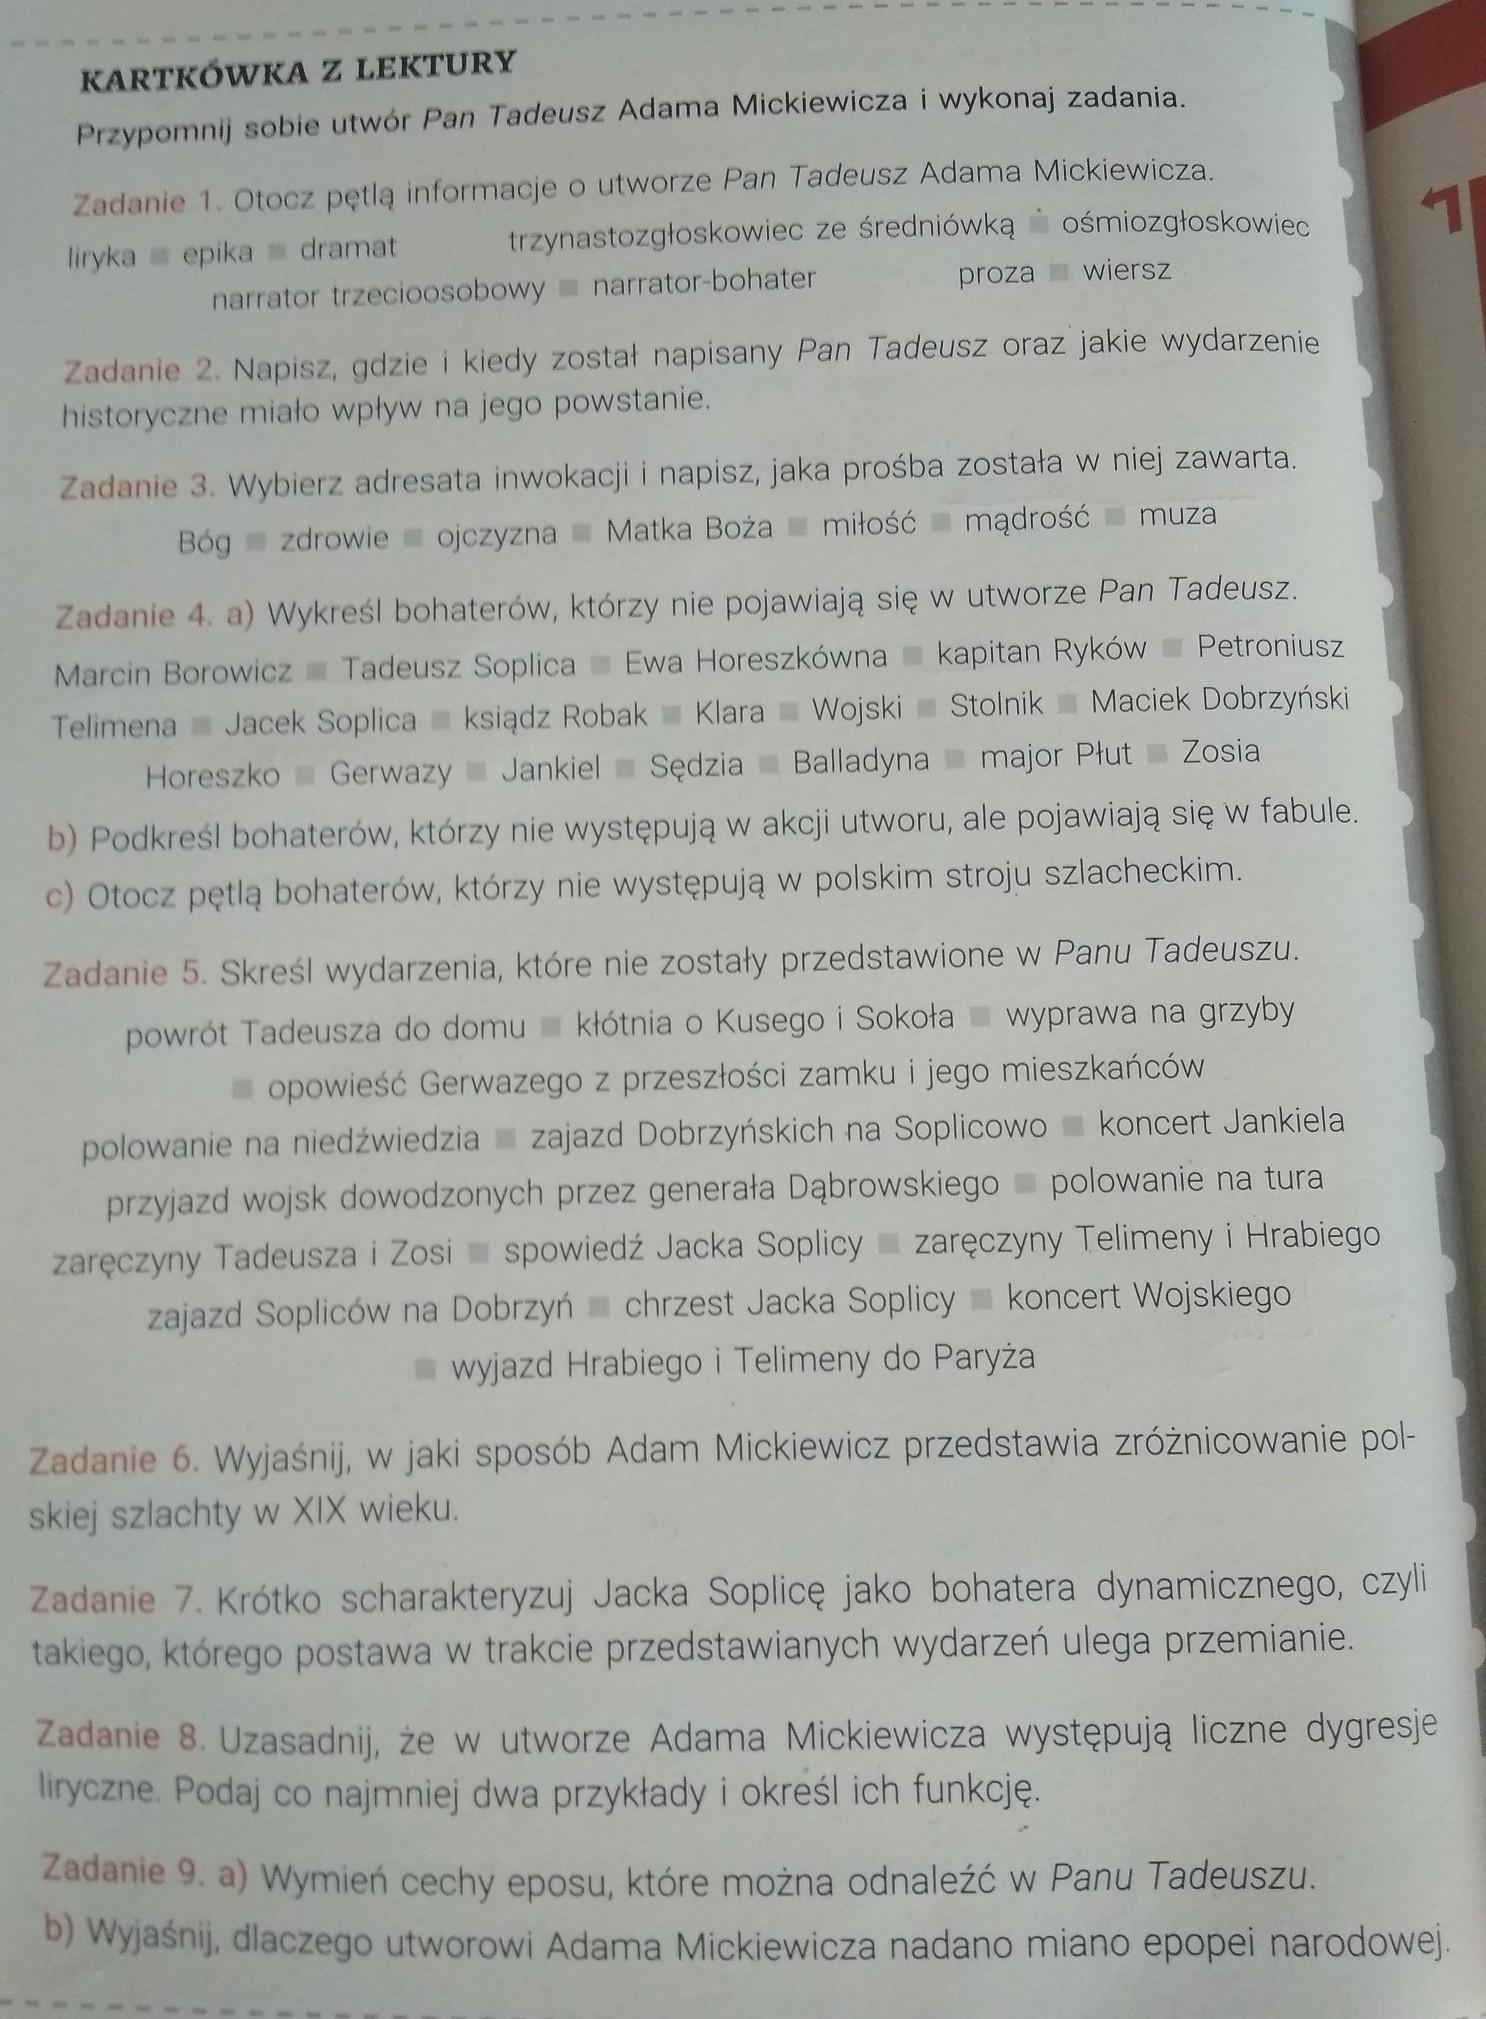 Katkówka Z Lektury Przypomnij Sobie Utwor Pan Tadeusz